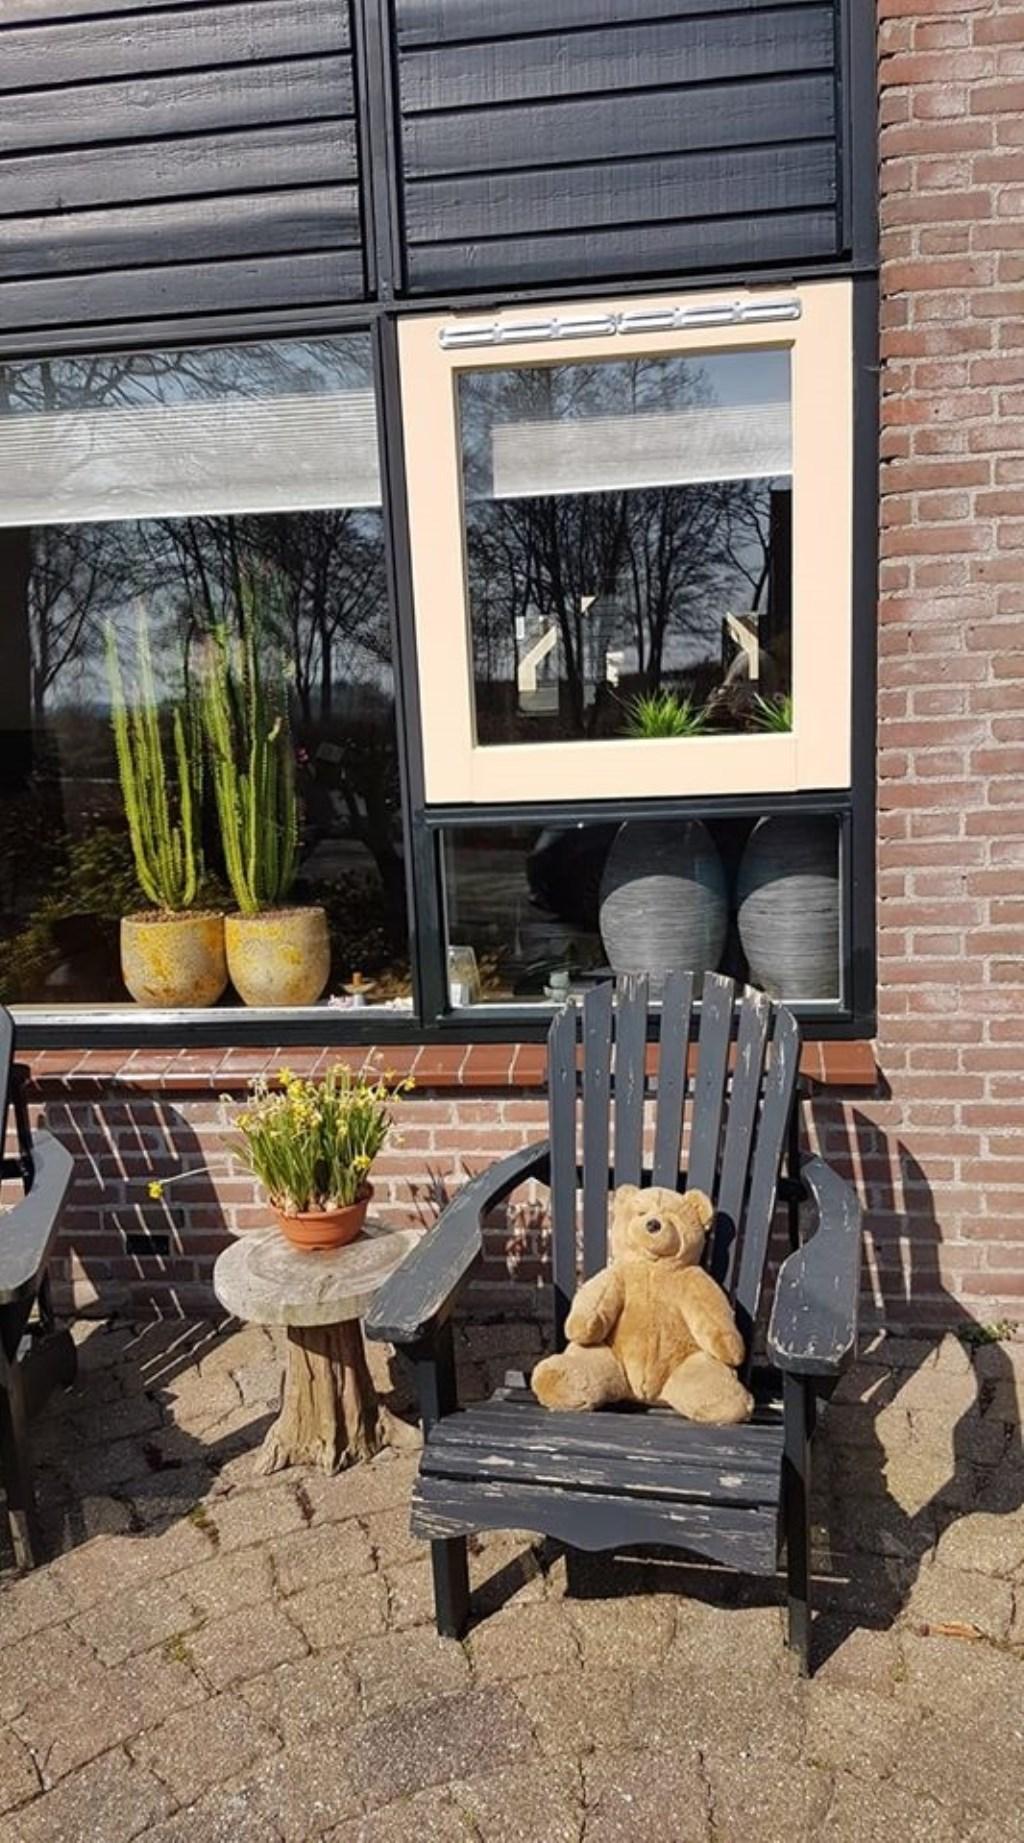 Heel Noord-Holland gaat op berenjacht. In de tuin van Atie Roos in Schagen zit er eentje te zonnen. Foto: Atie Roos © rodi